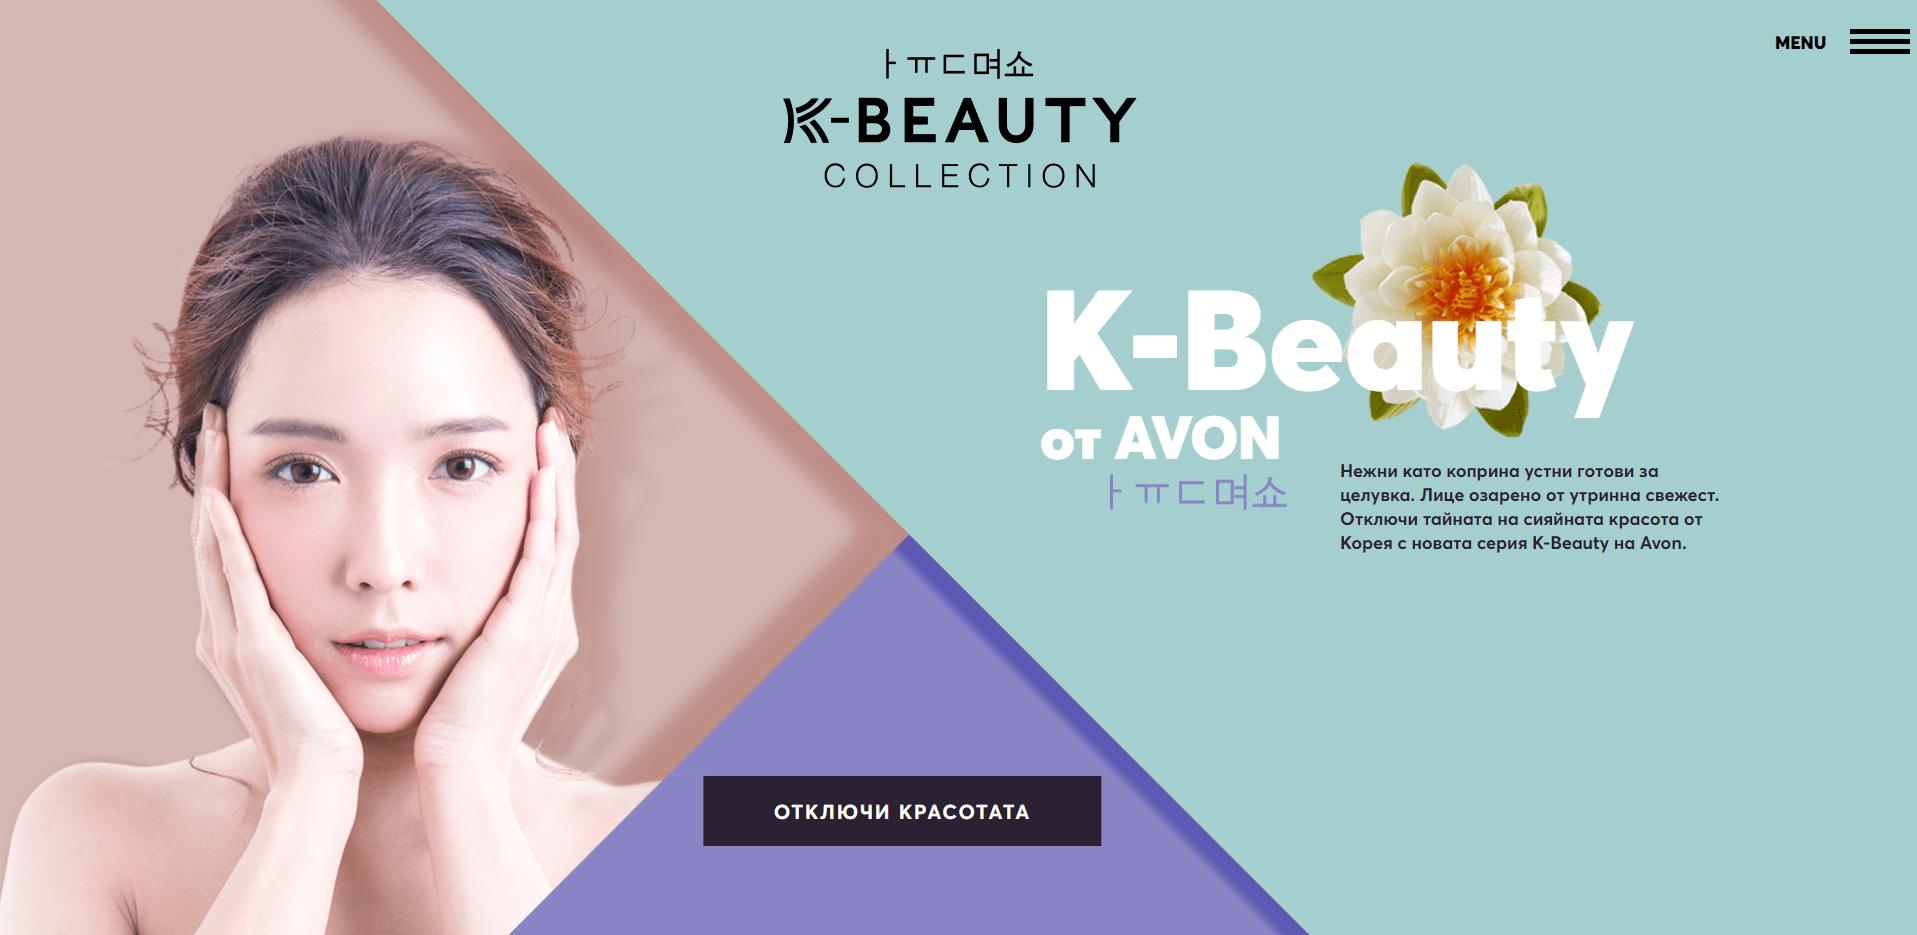 AVON K-Beauty